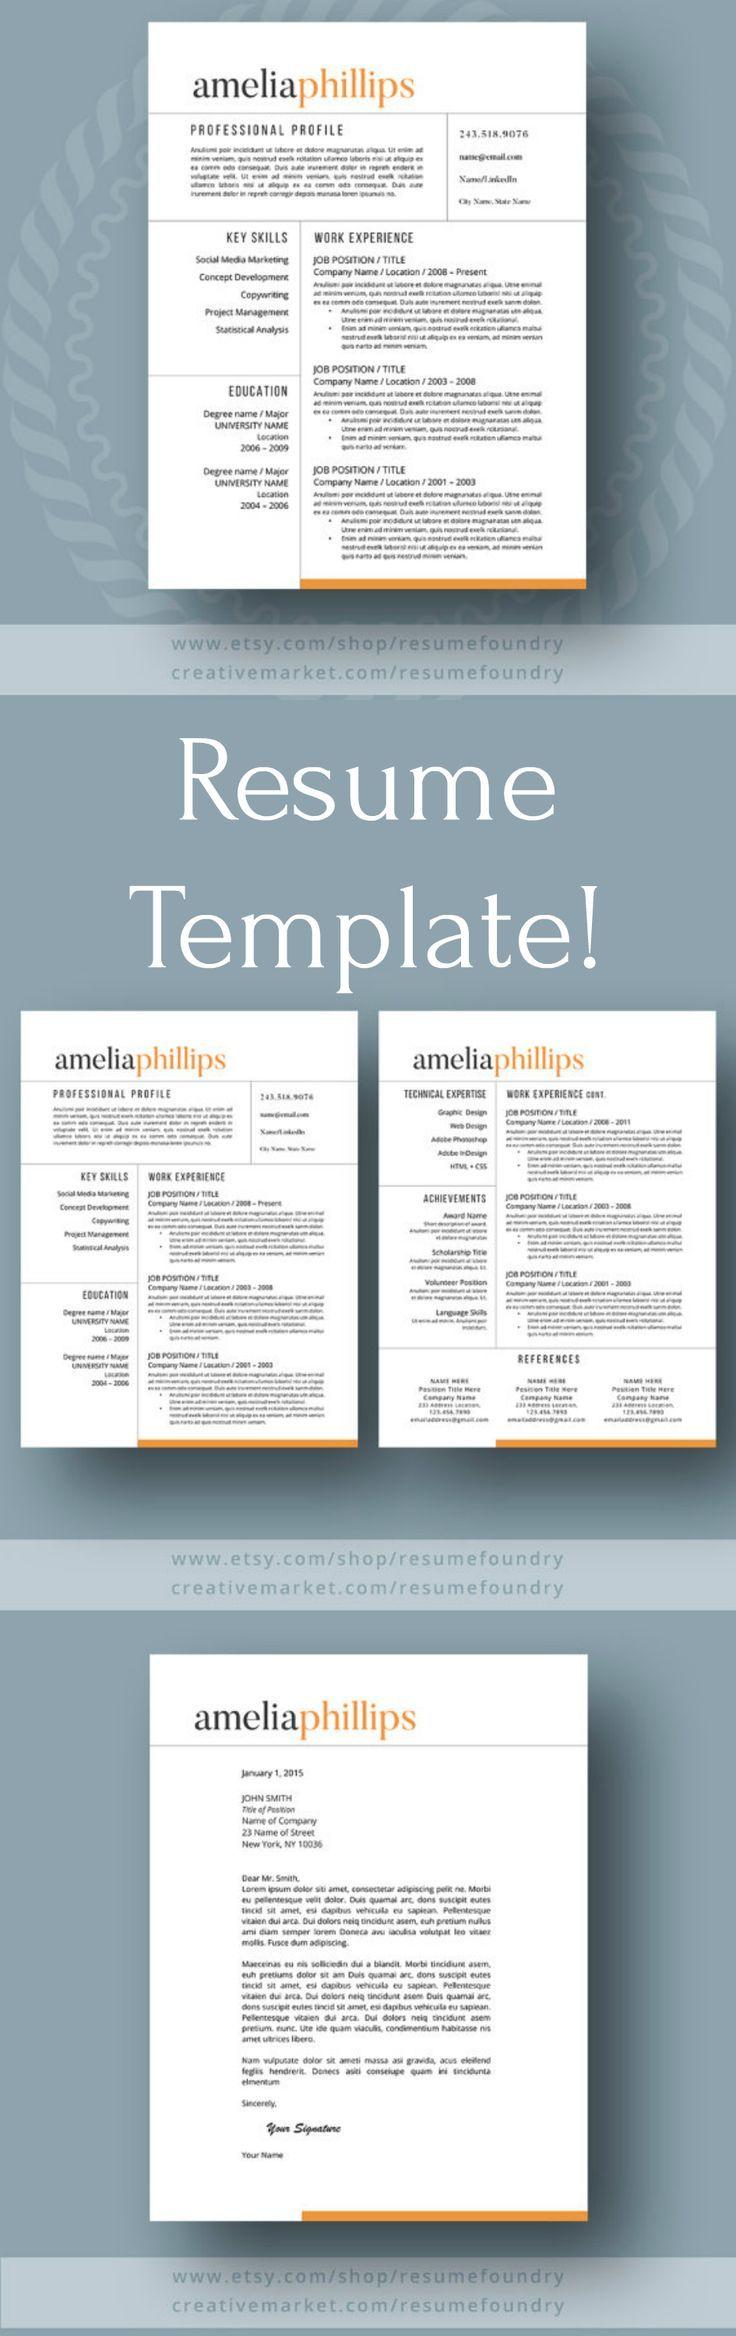 Fein Website Vorschlag Vorlage Wort Fotos - Entry Level Resume ...